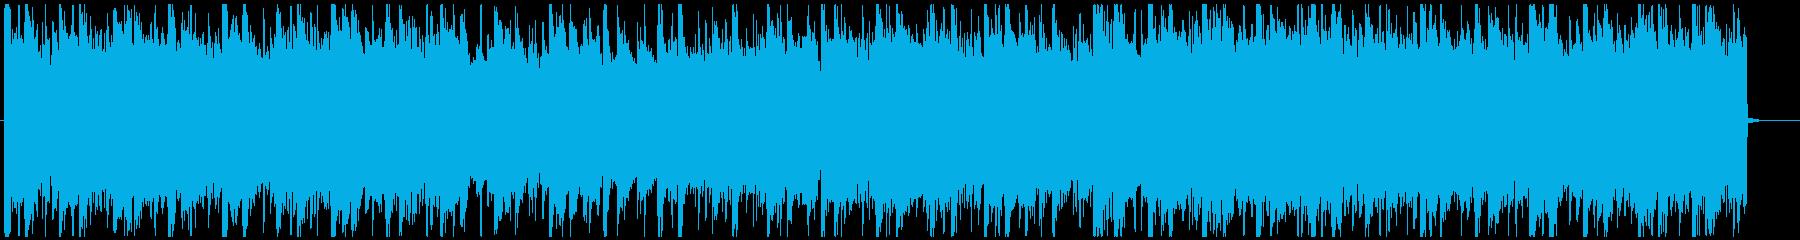 優しいサウンドのR&B調バラードの再生済みの波形